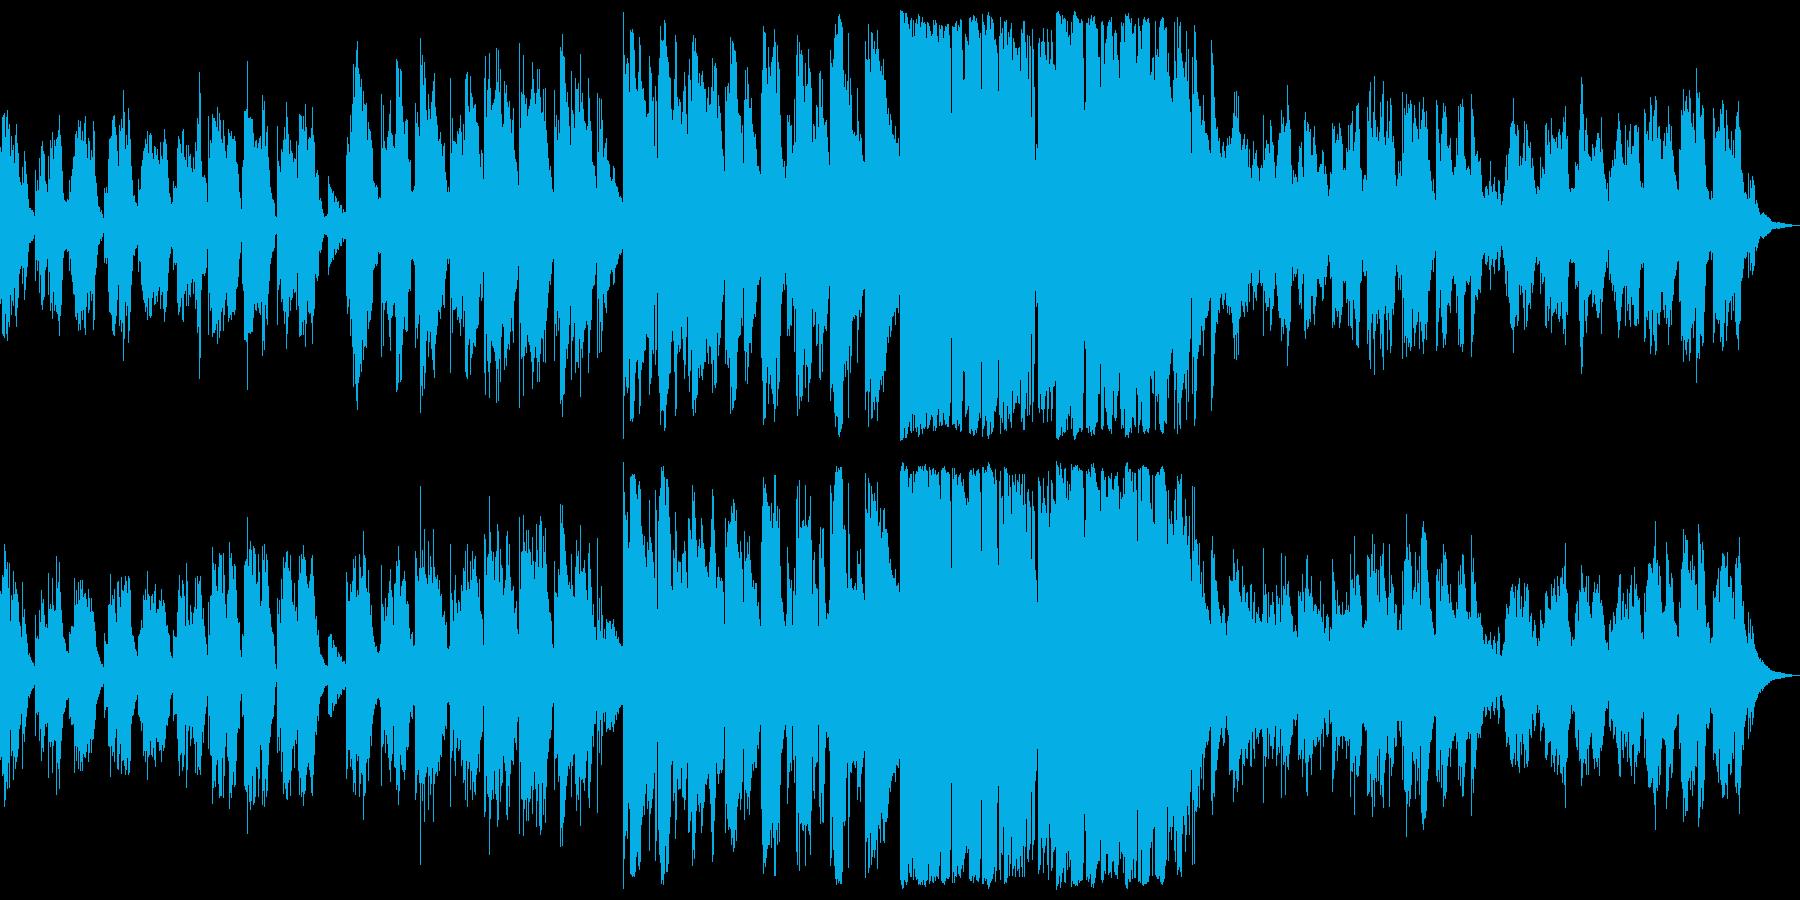 東洋と西洋の音を絶妙に合わせた美しい音楽の再生済みの波形